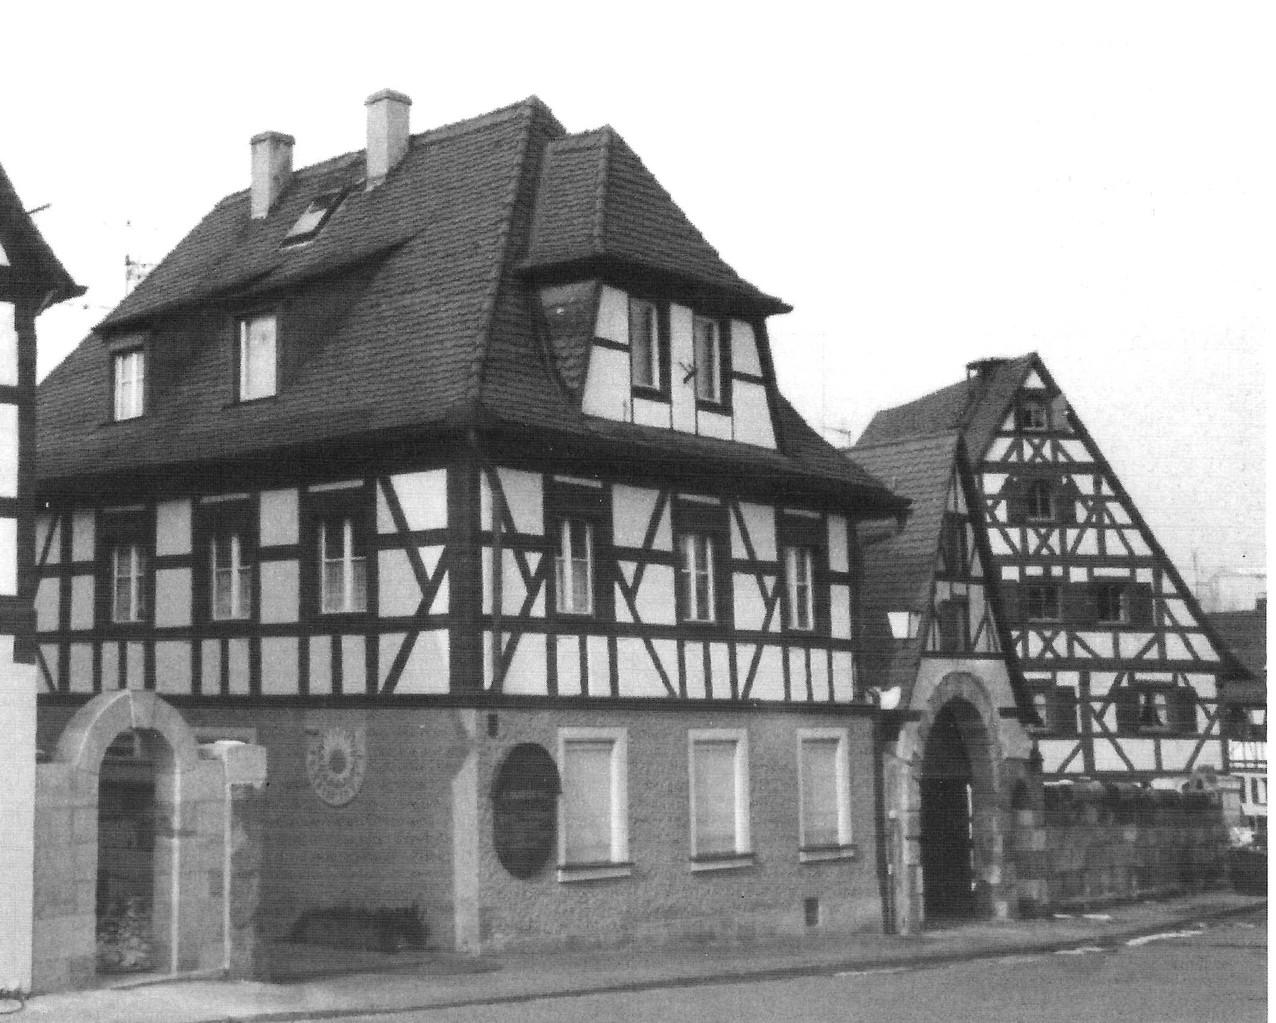 Rechts im Bild: renoviertes Torhaus, Mauer und Wohngebäude